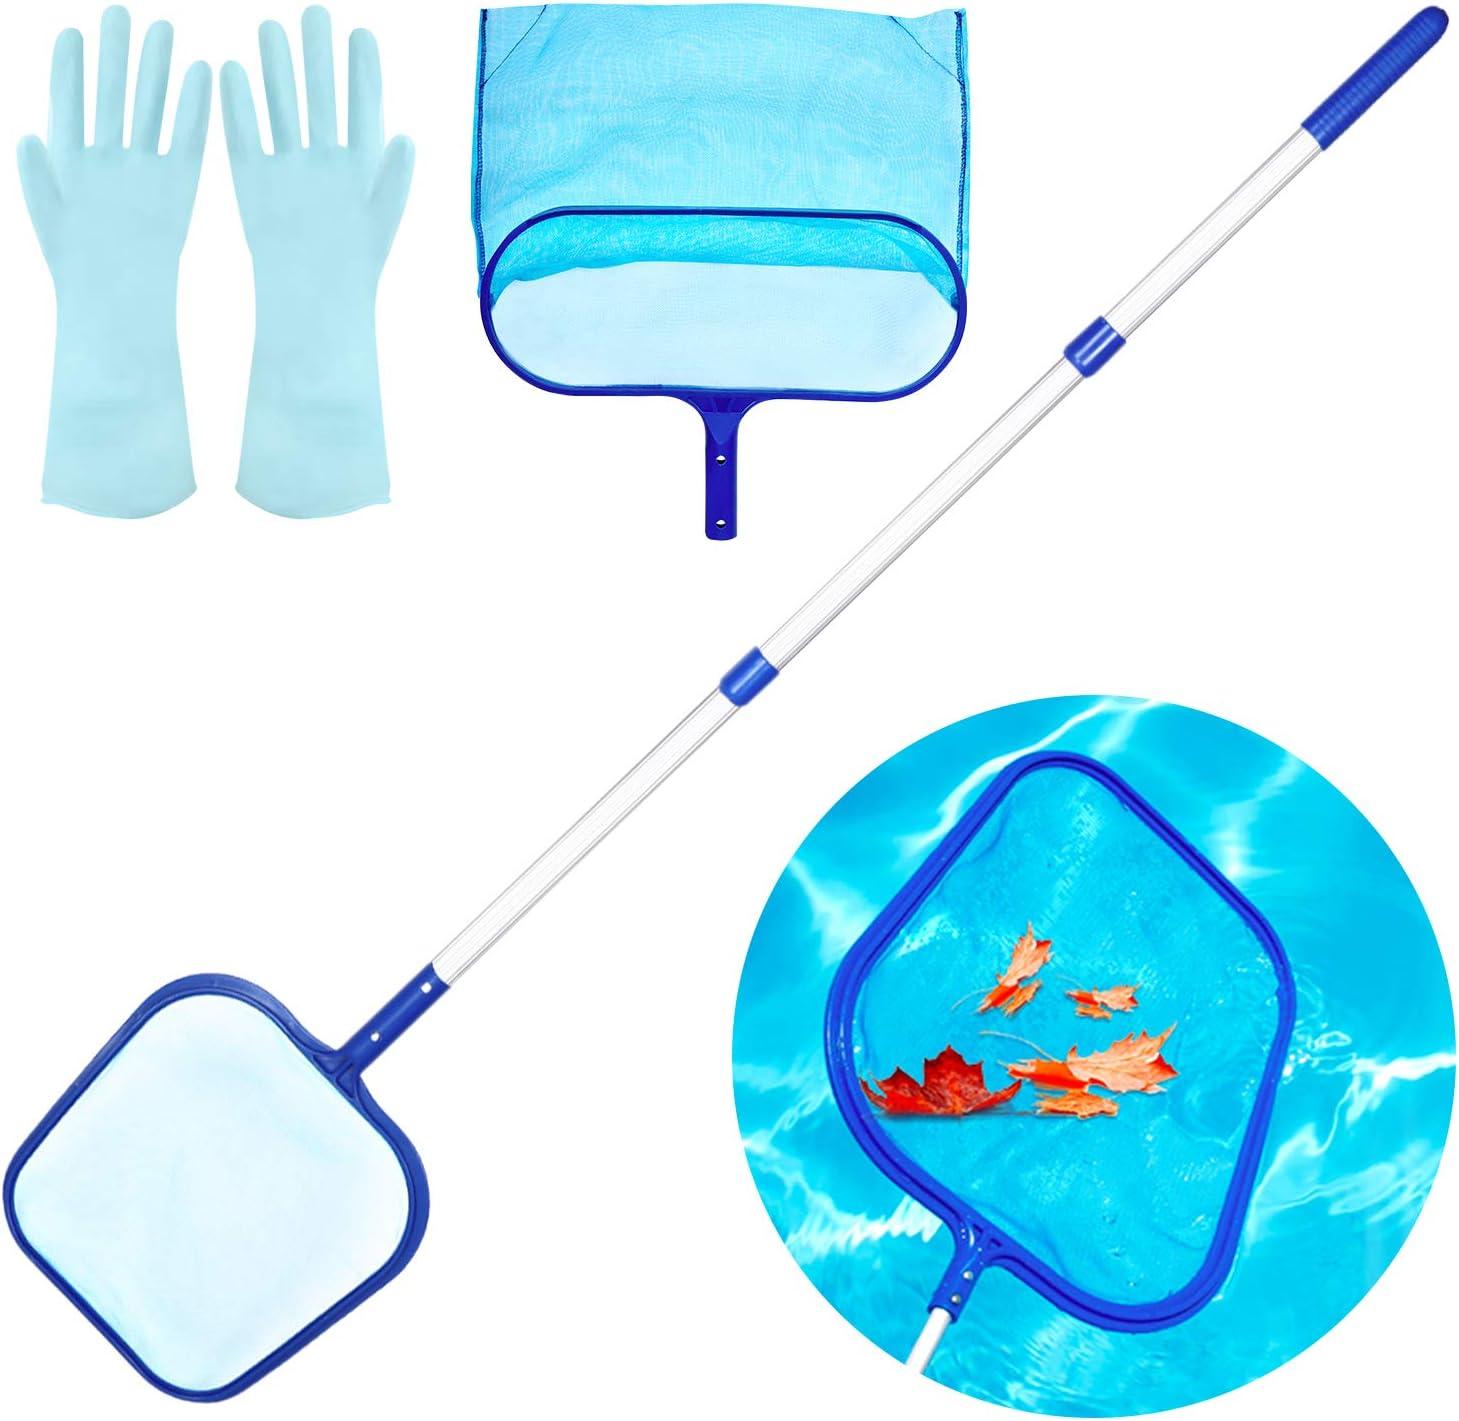 Familybox Recogehojas para Piscinas, Red de Piscina Ajustable Retirable, Kits de Mantenimiento con Red de Malla Fina, Mango de Aluminio y Bolsa para Piscinas, Estanques, Hidromasaje, SPA, Fuente